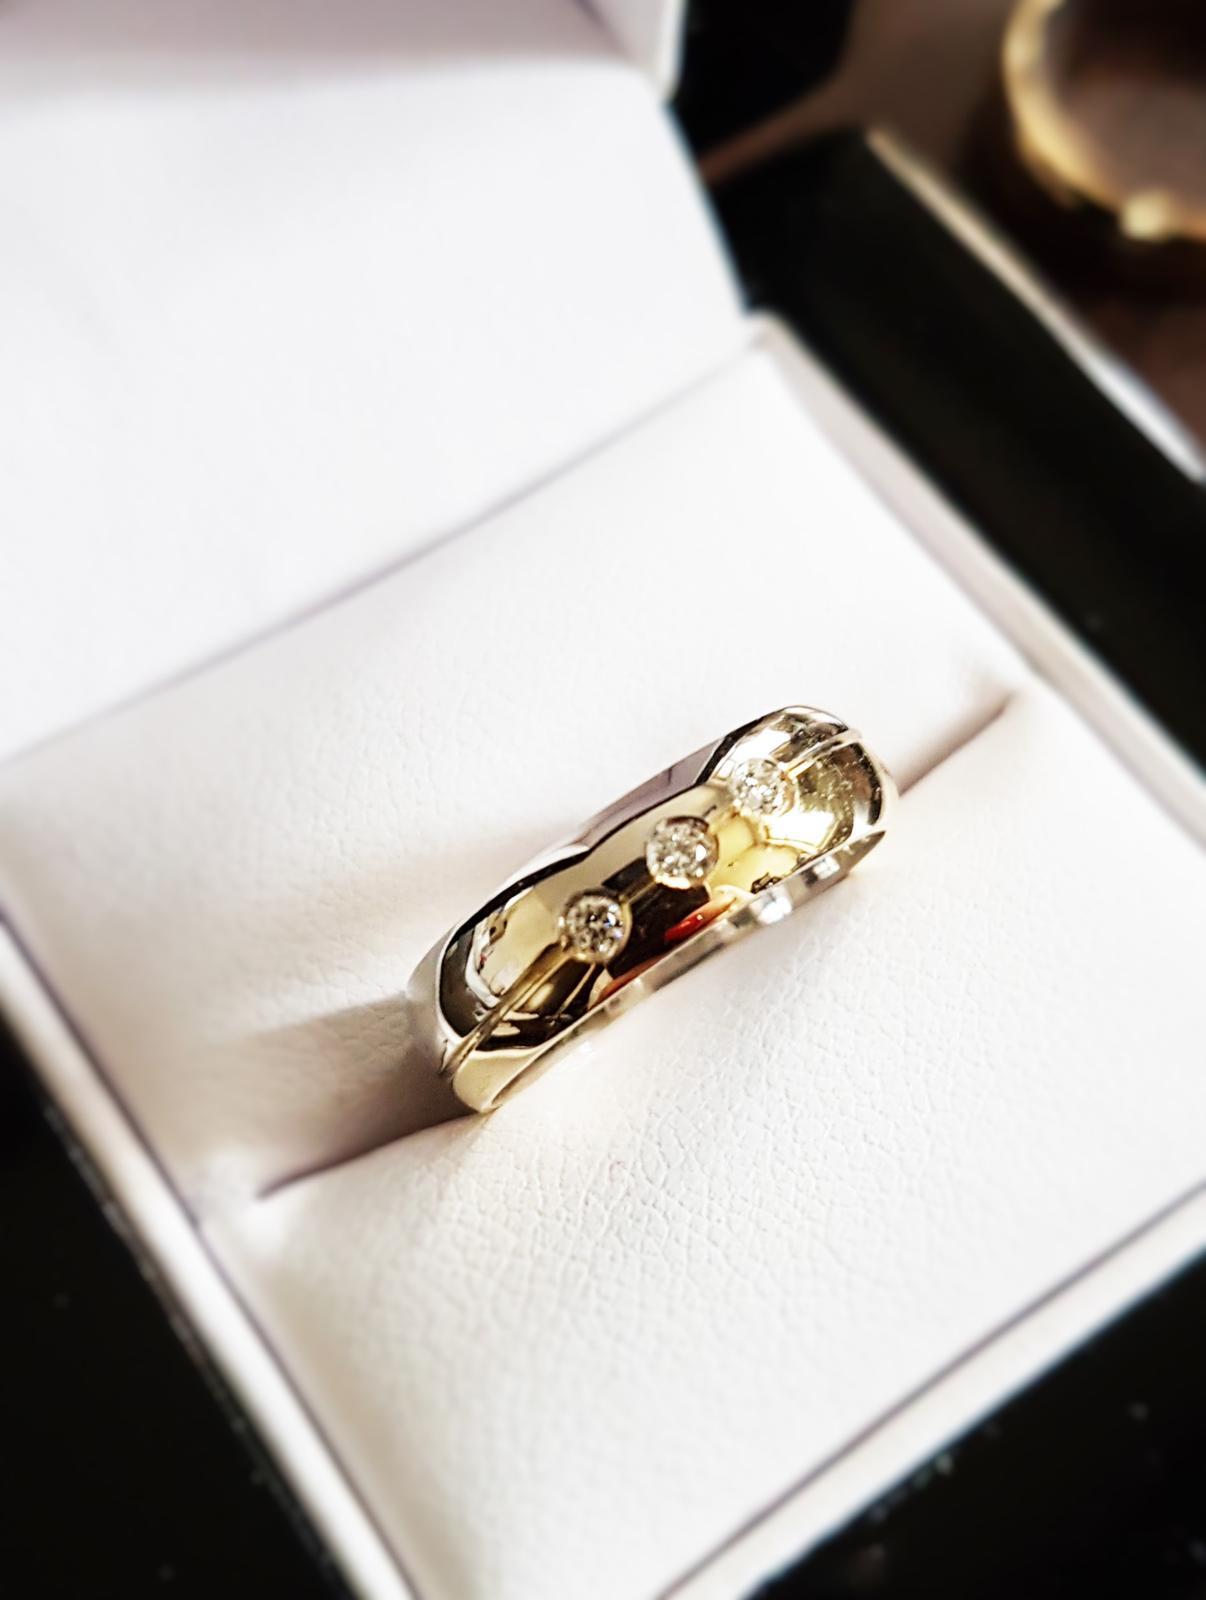 Masivní snubní prsteny Benet 830 s brilianty - Obrázek č. 1